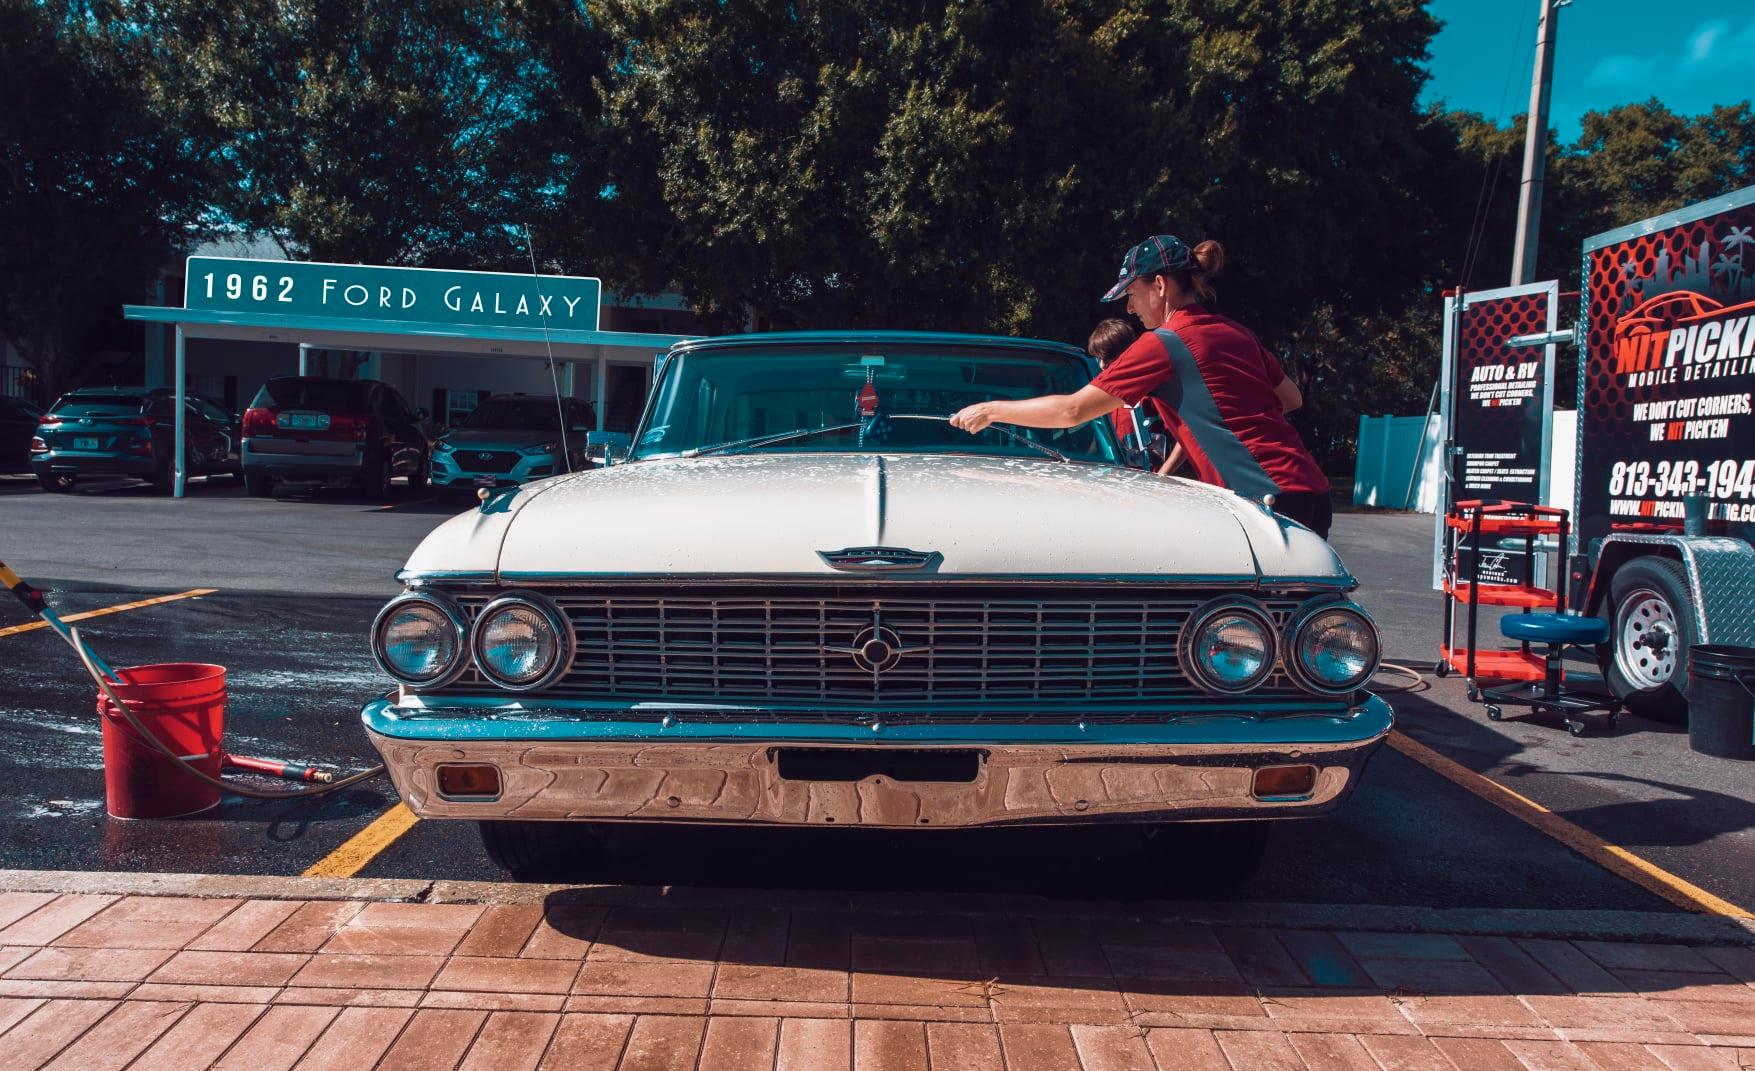 1962 Ford Galaxy